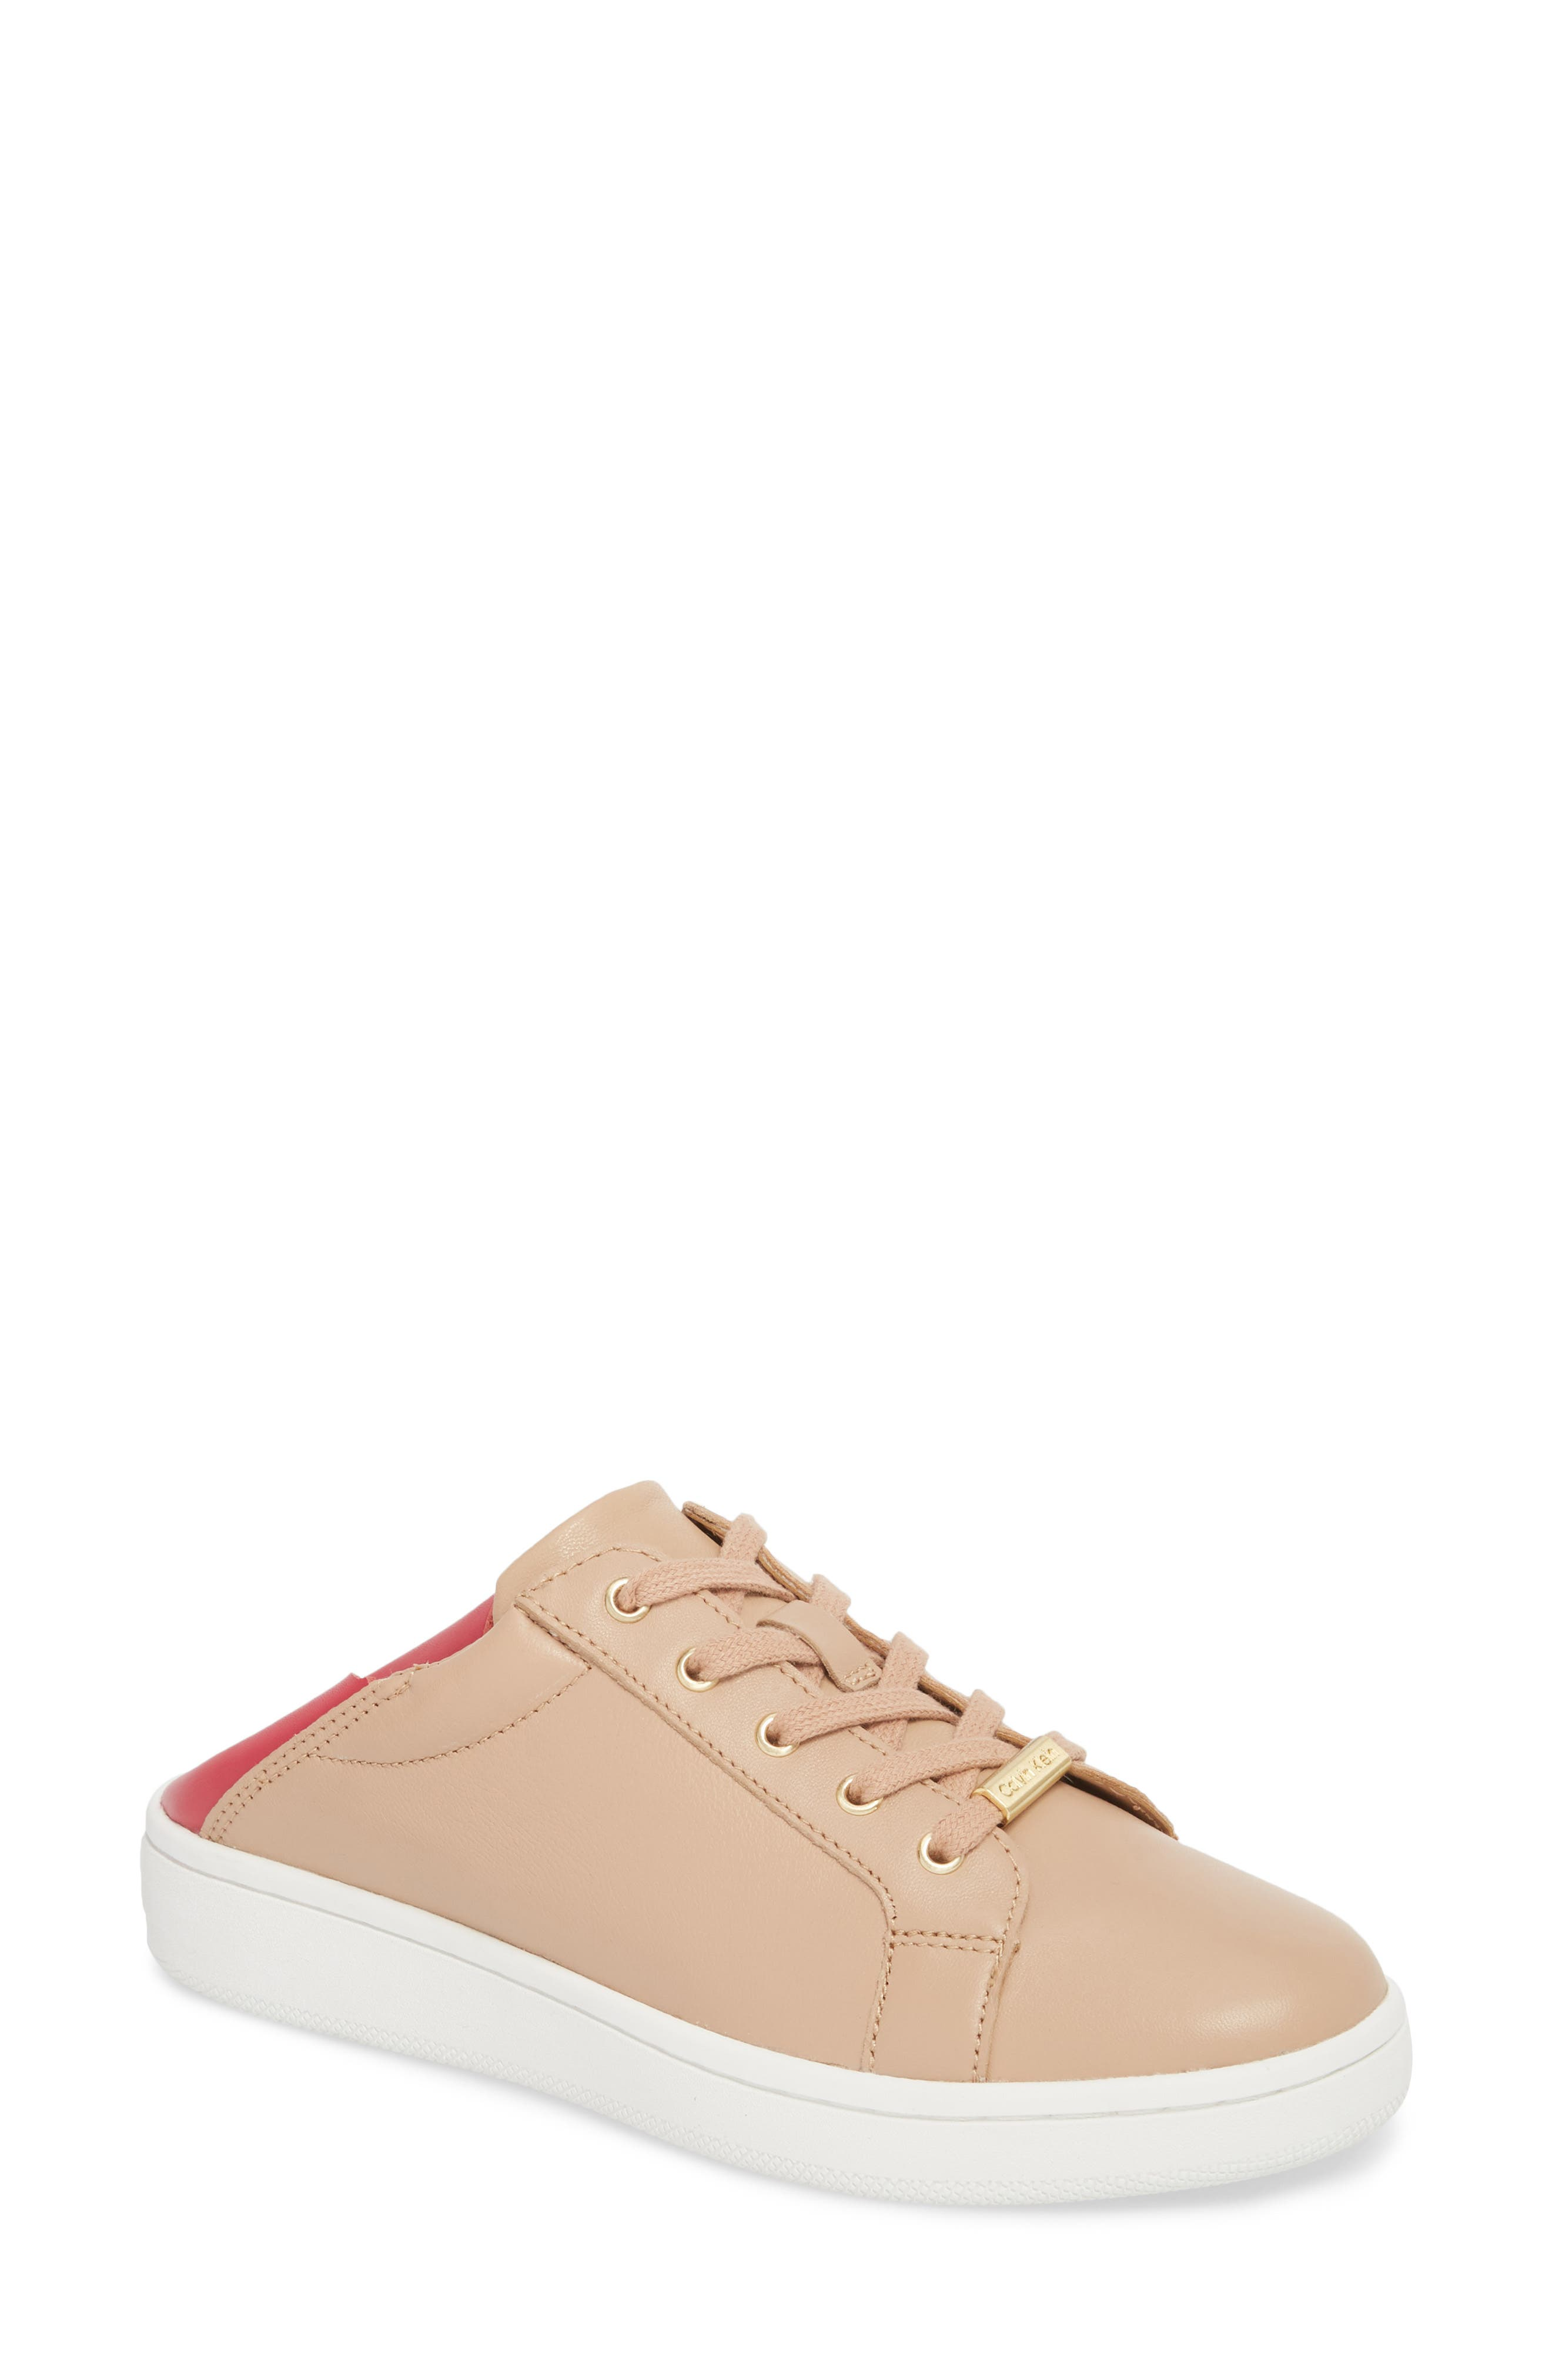 Calvin Klein Women's Danica Convertible Sneaker dnbgs